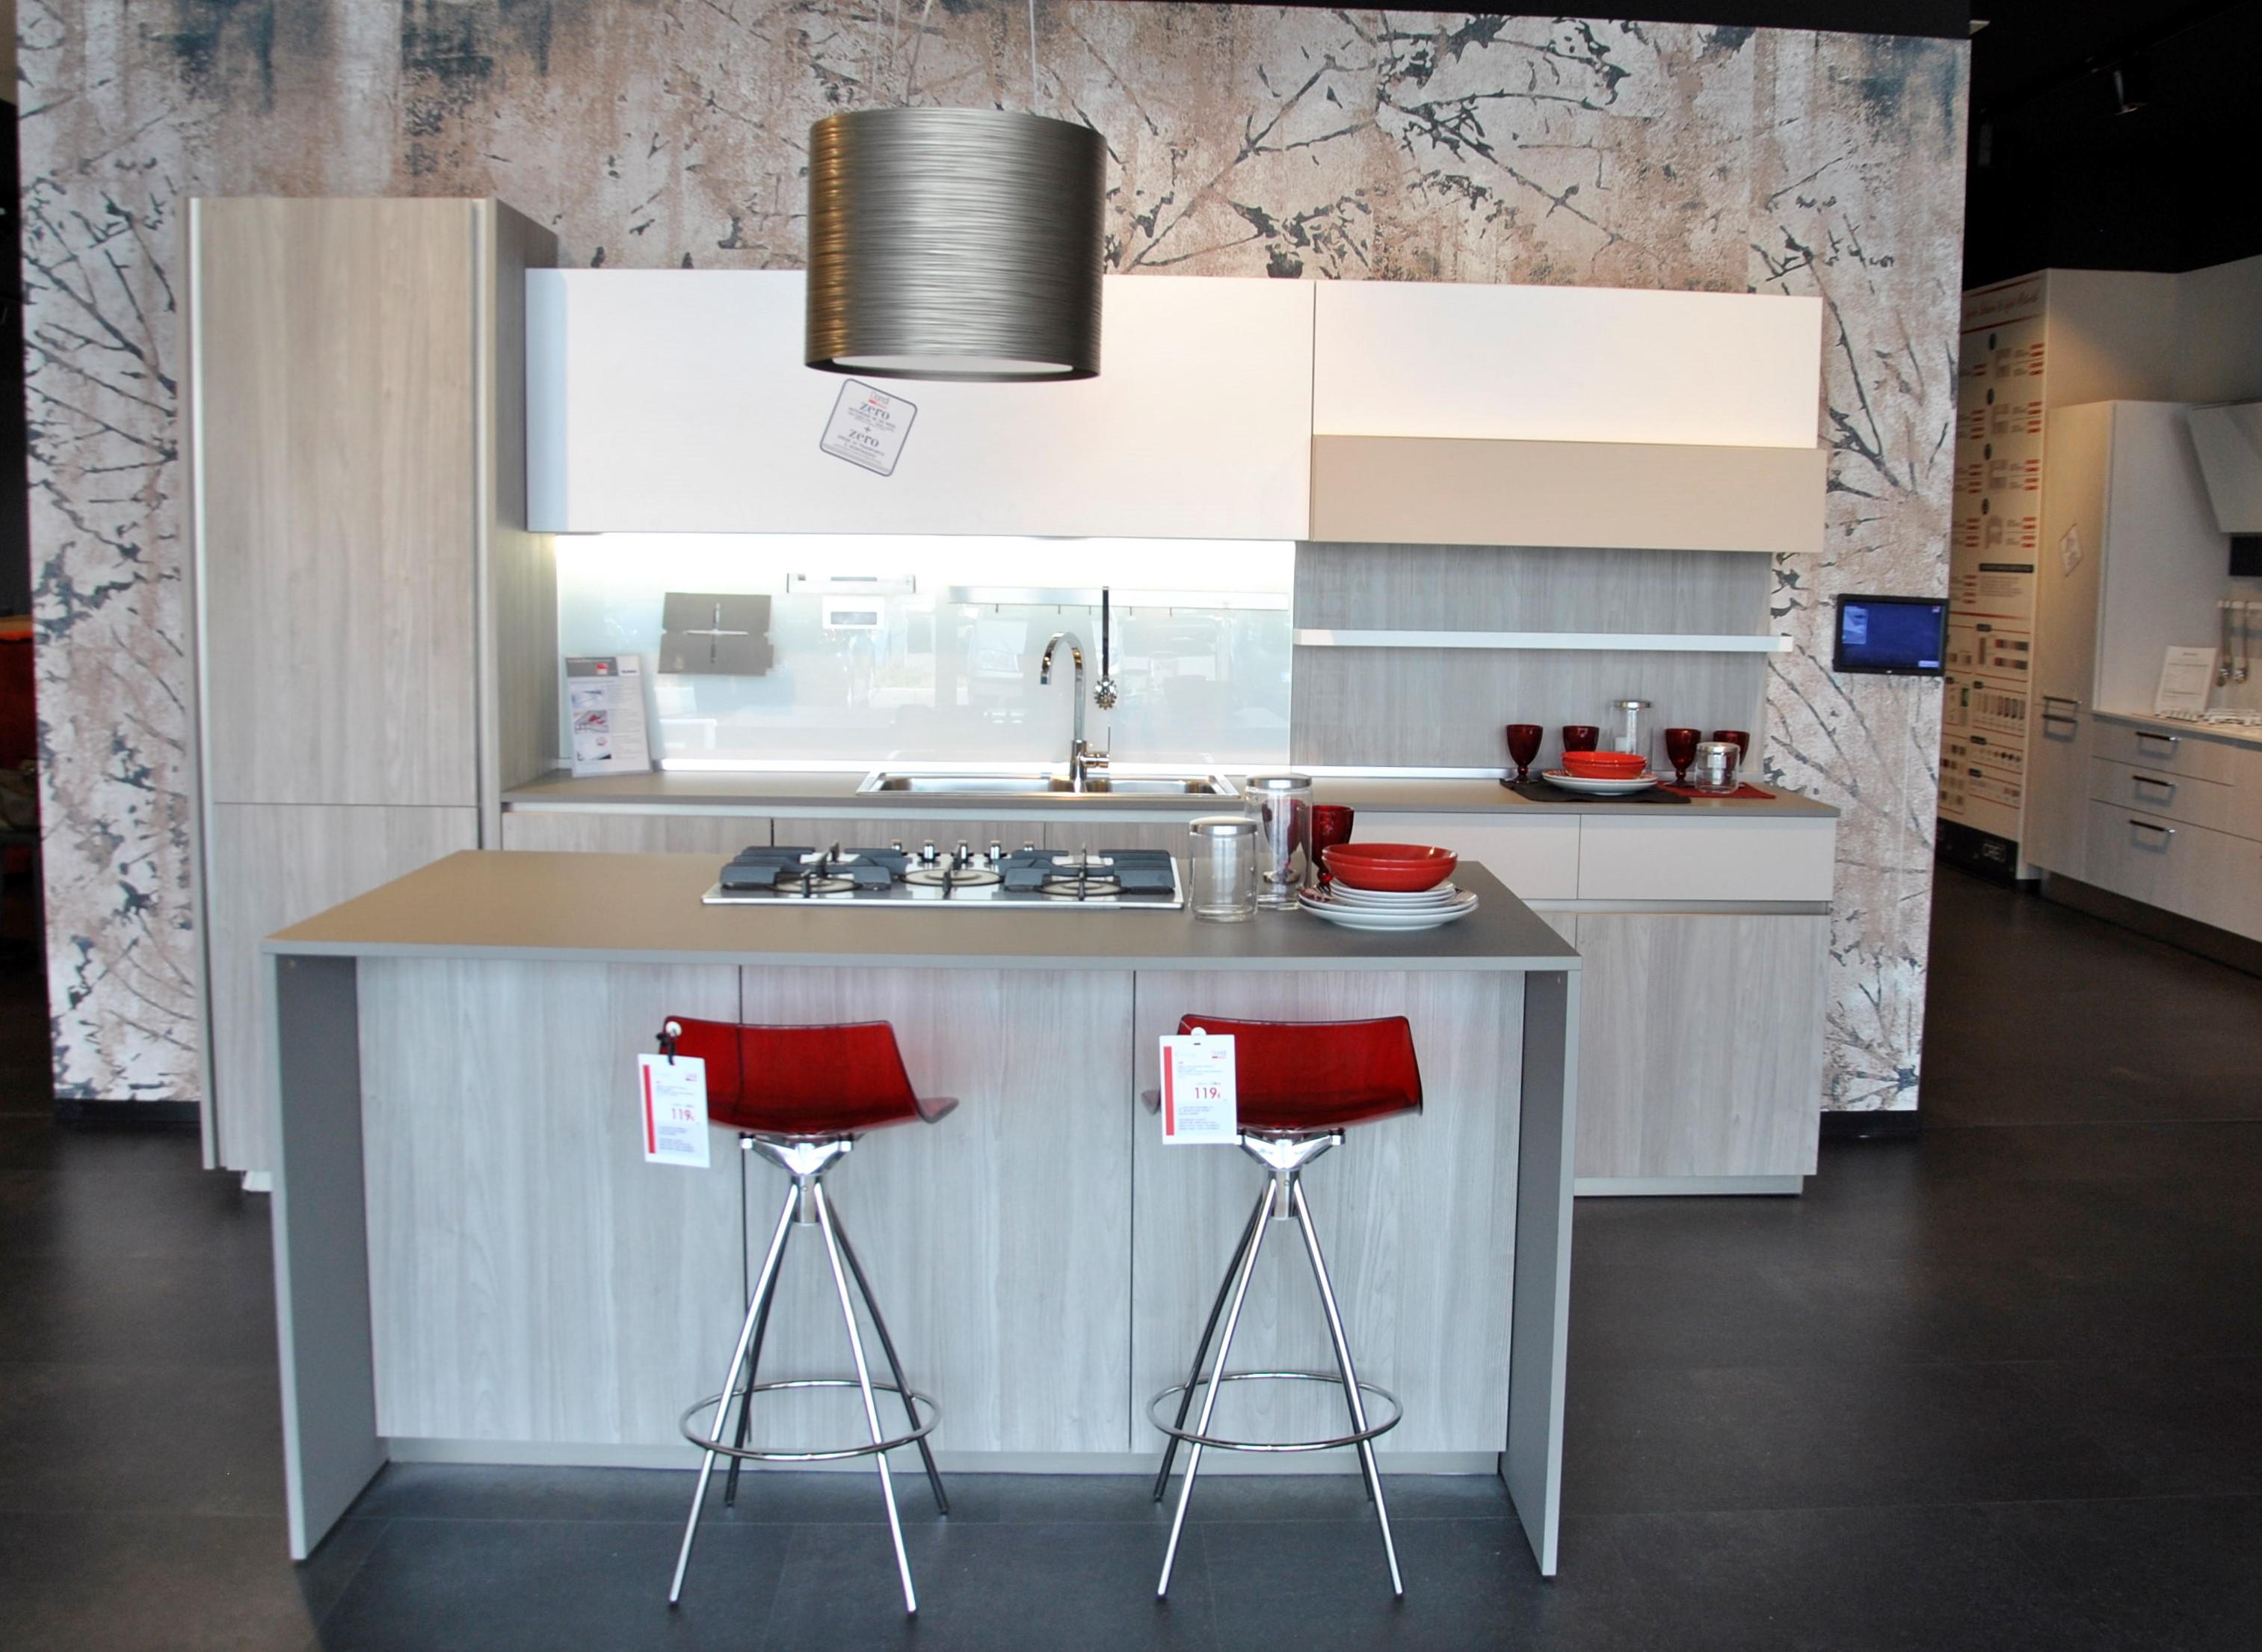 Gruppo Lube inaugurates a new Store in Villanova di Castenaso ...